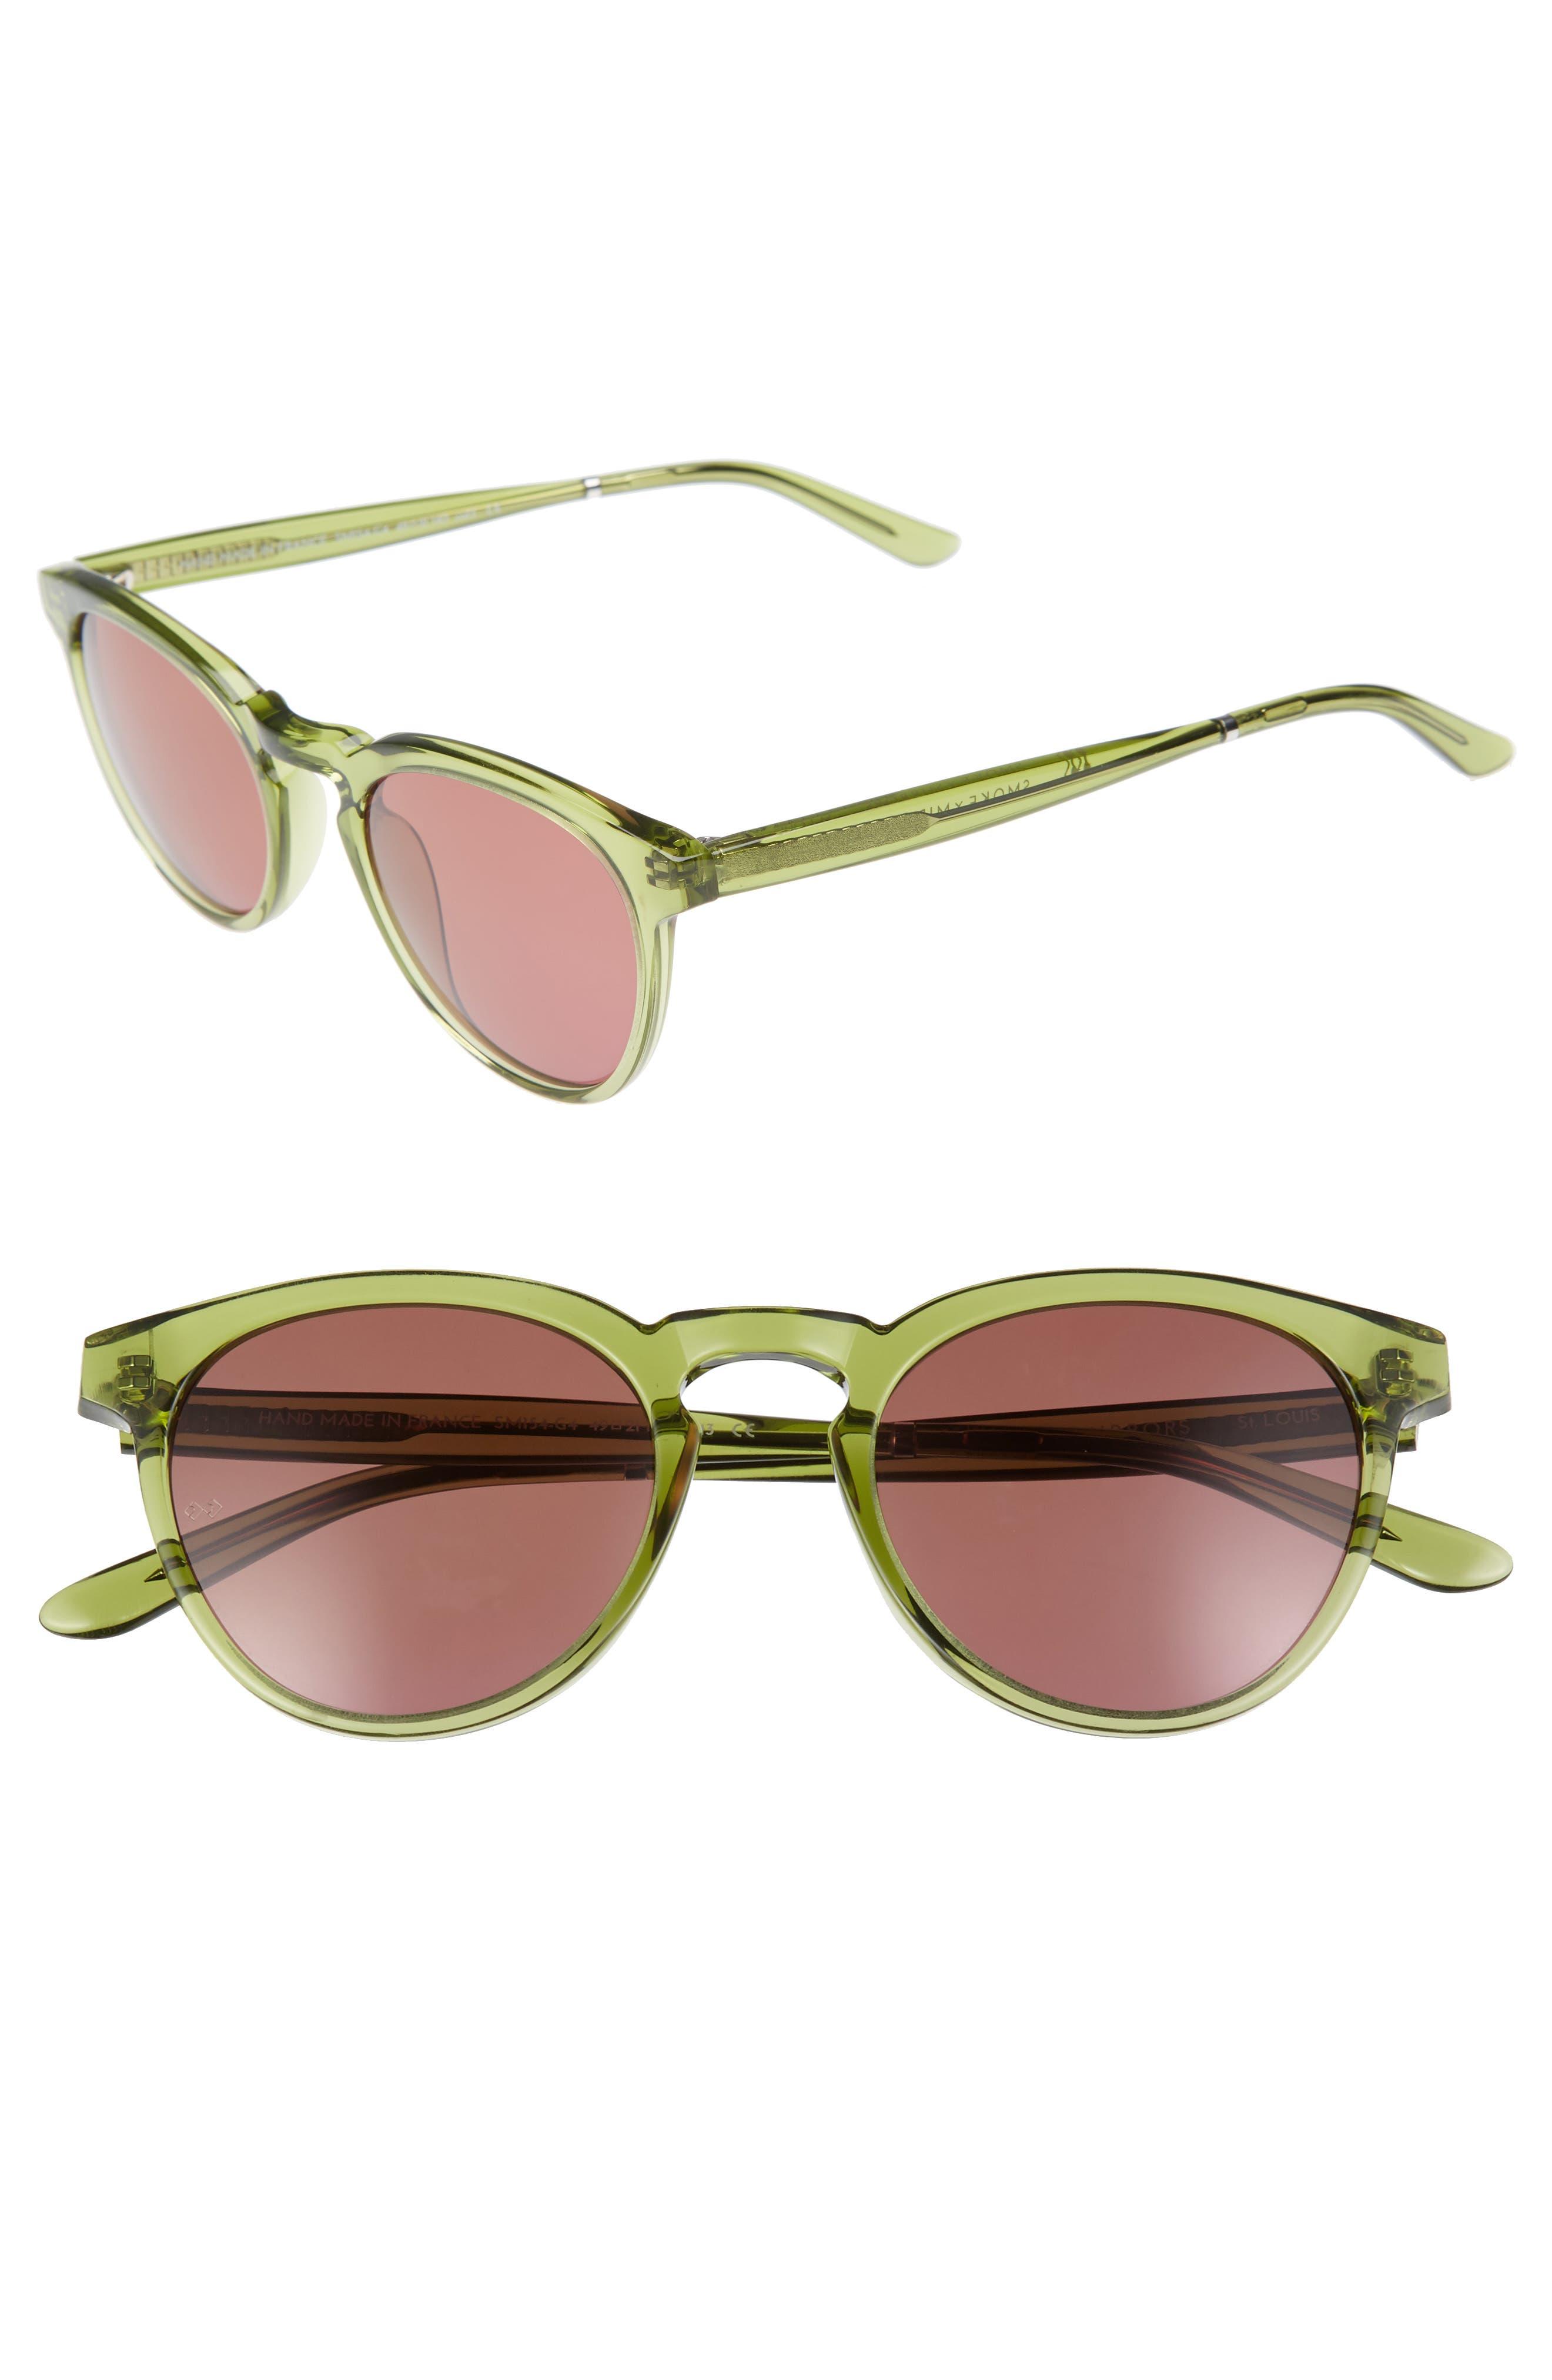 St. Louis 49mm Retro Sunglasses,                             Main thumbnail 1, color,                             300